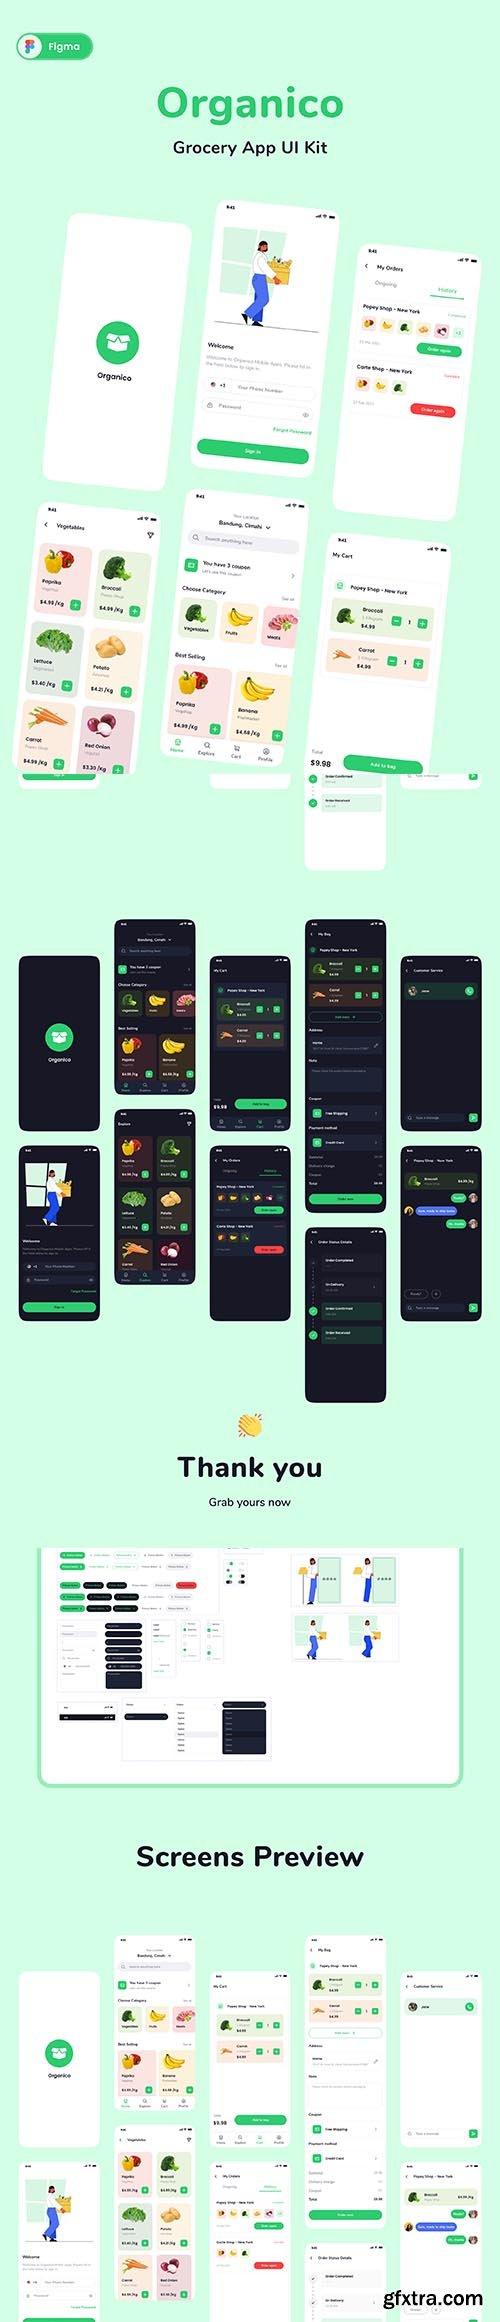 Organico Grocery App UI KIT